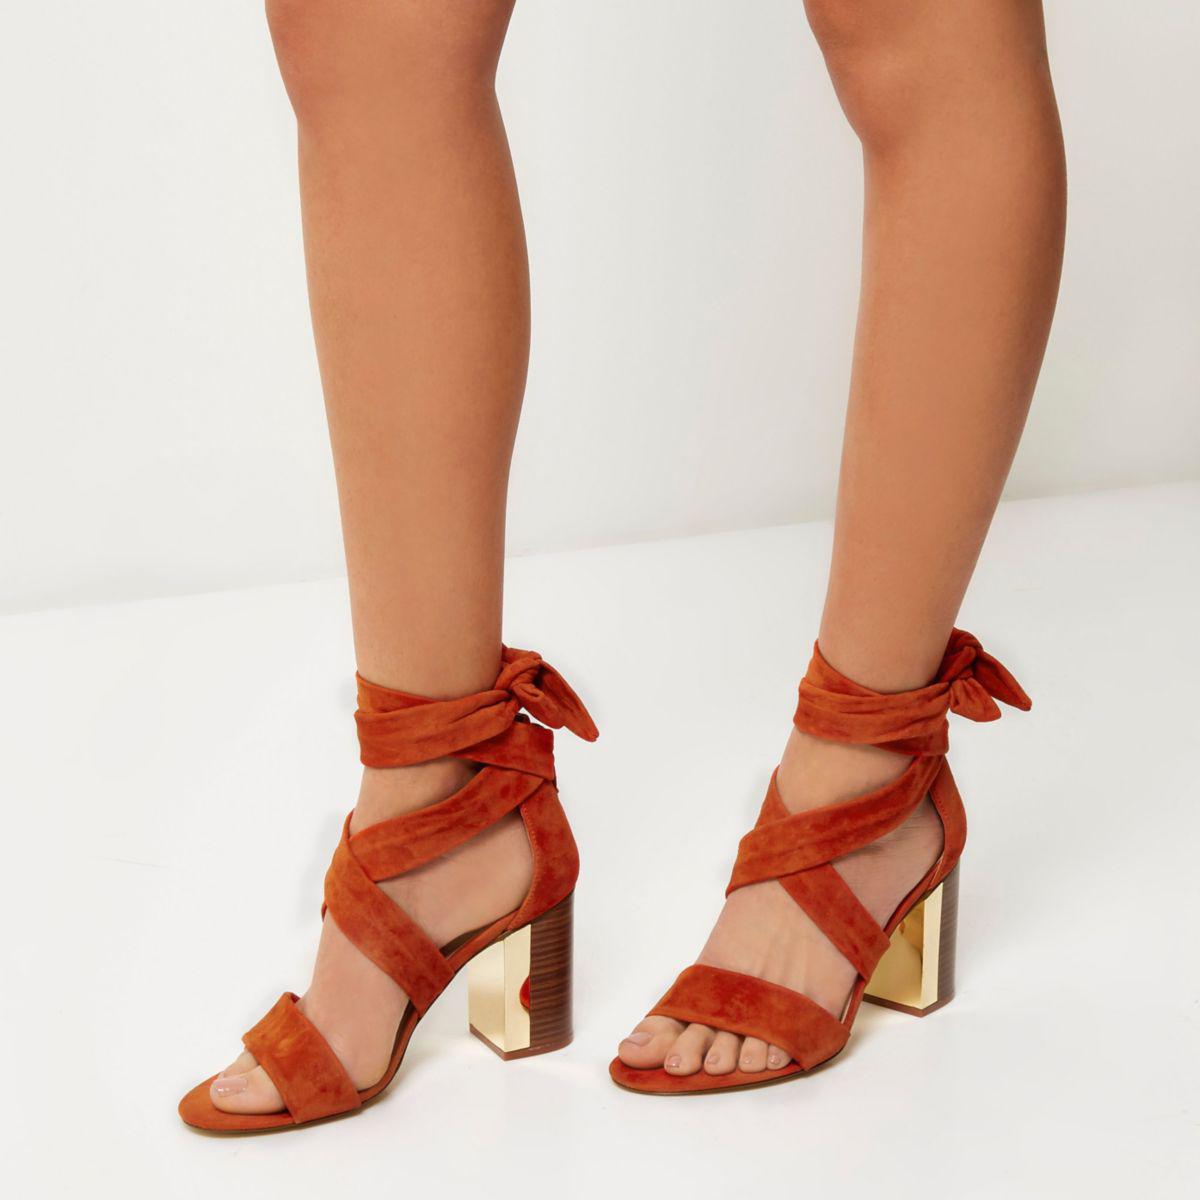 965083626d70 Lyst - River Island Dark Orange Suede Tie-up Block Heel Sandals in Red